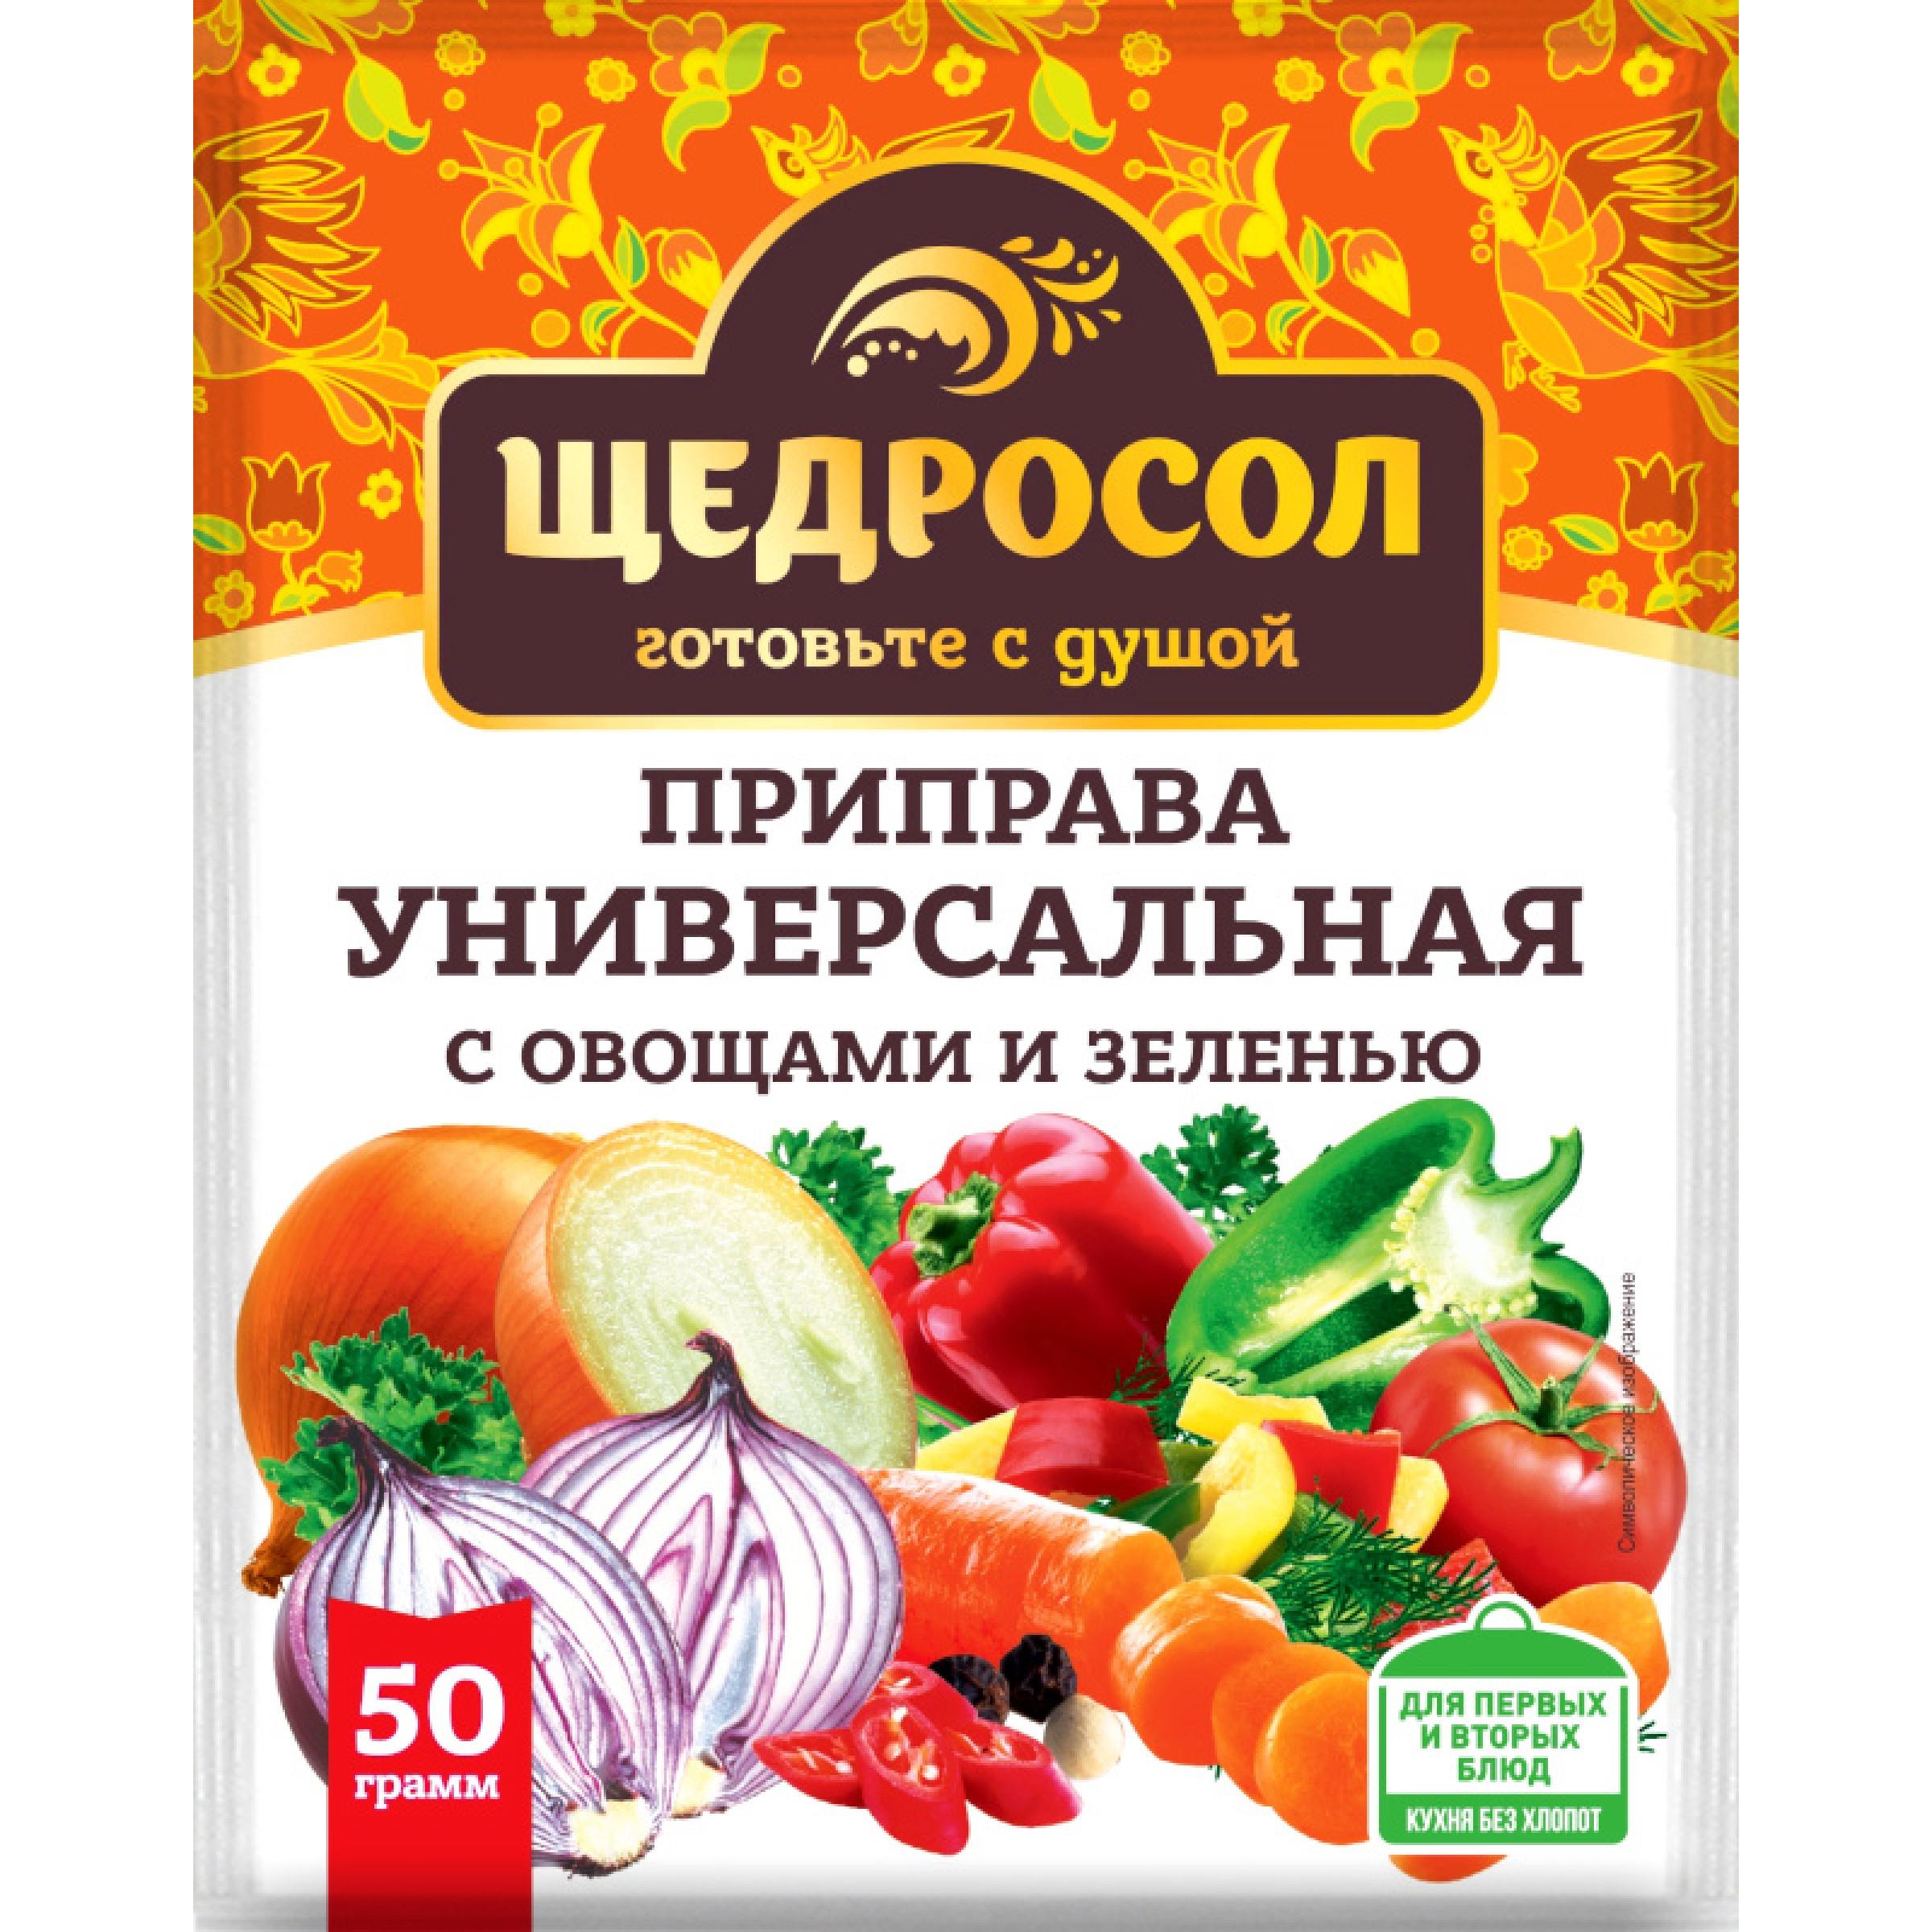 """Приправа """"Универсальная"""" с овощами и зеленью Щедросол, 50гр"""